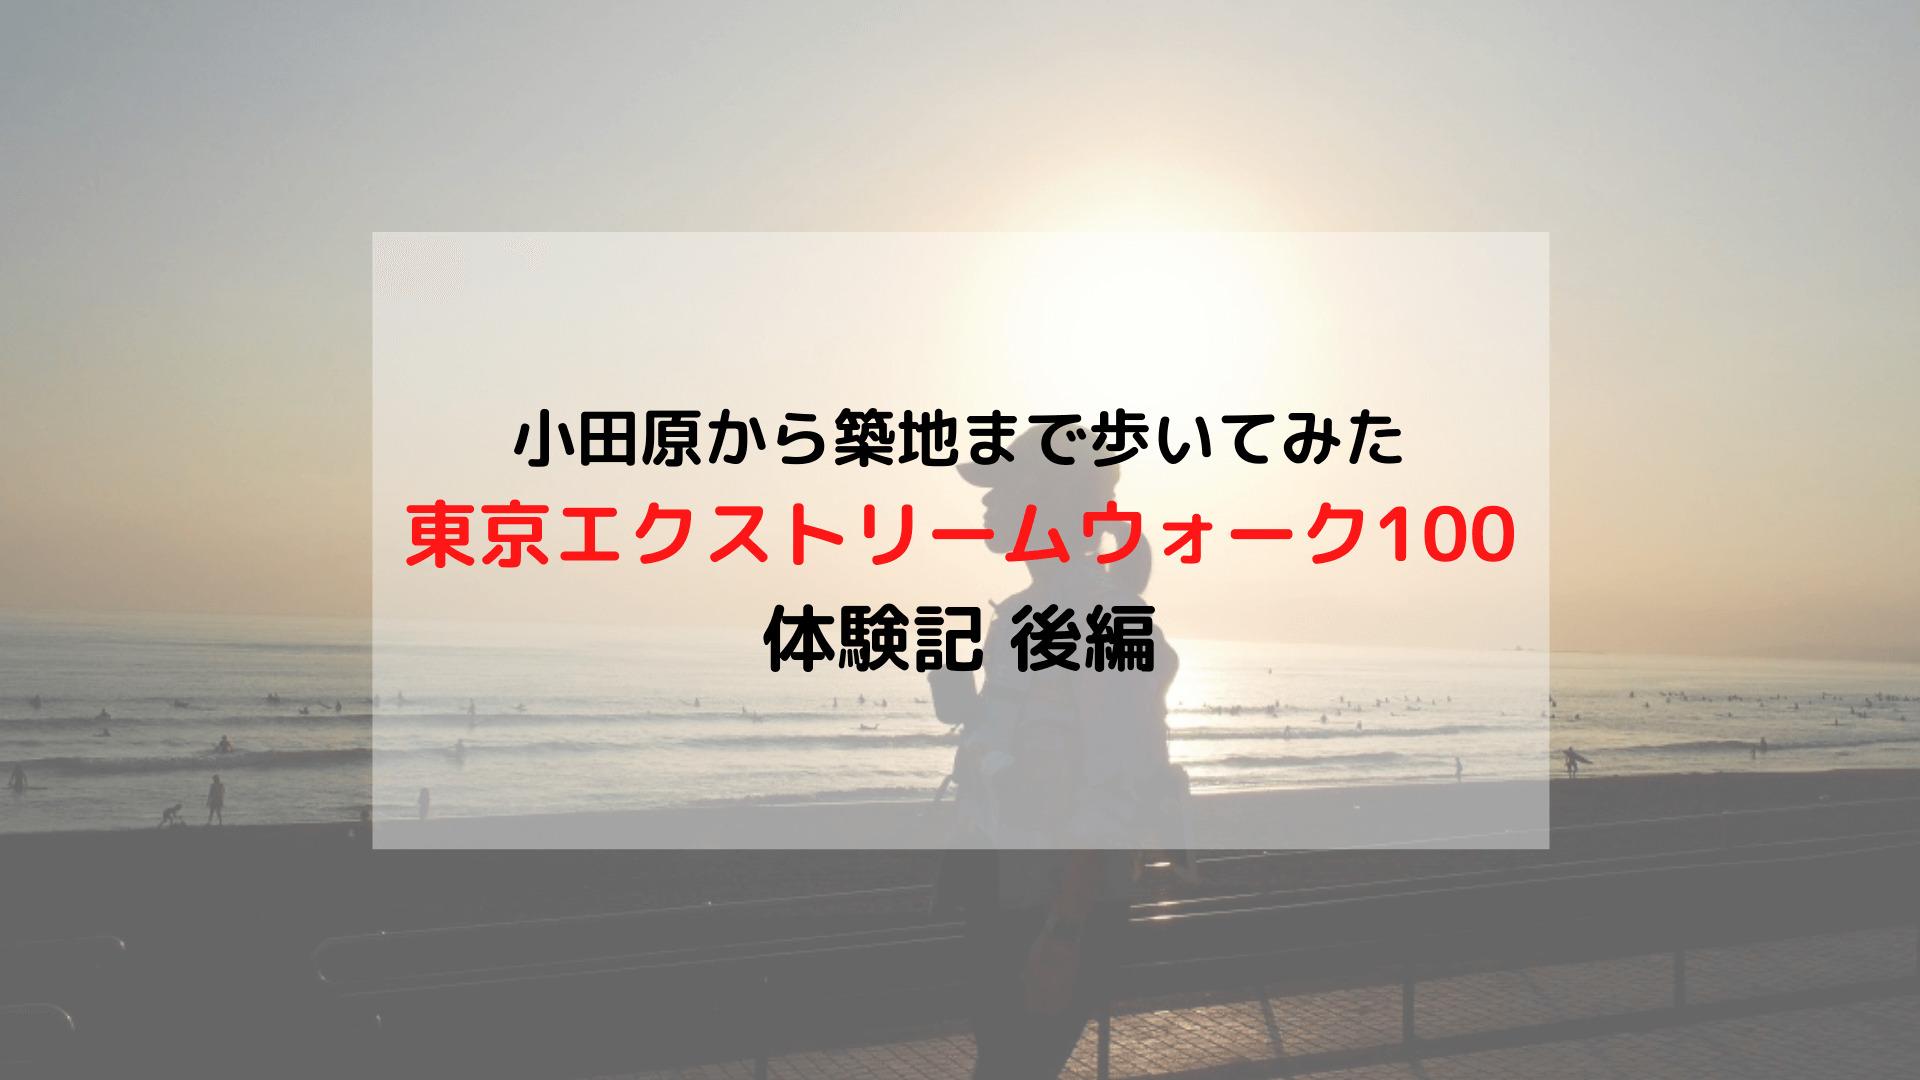 「東京エクストリームウォーク100」体験記 小田原-築地間を歩いてみた 後編